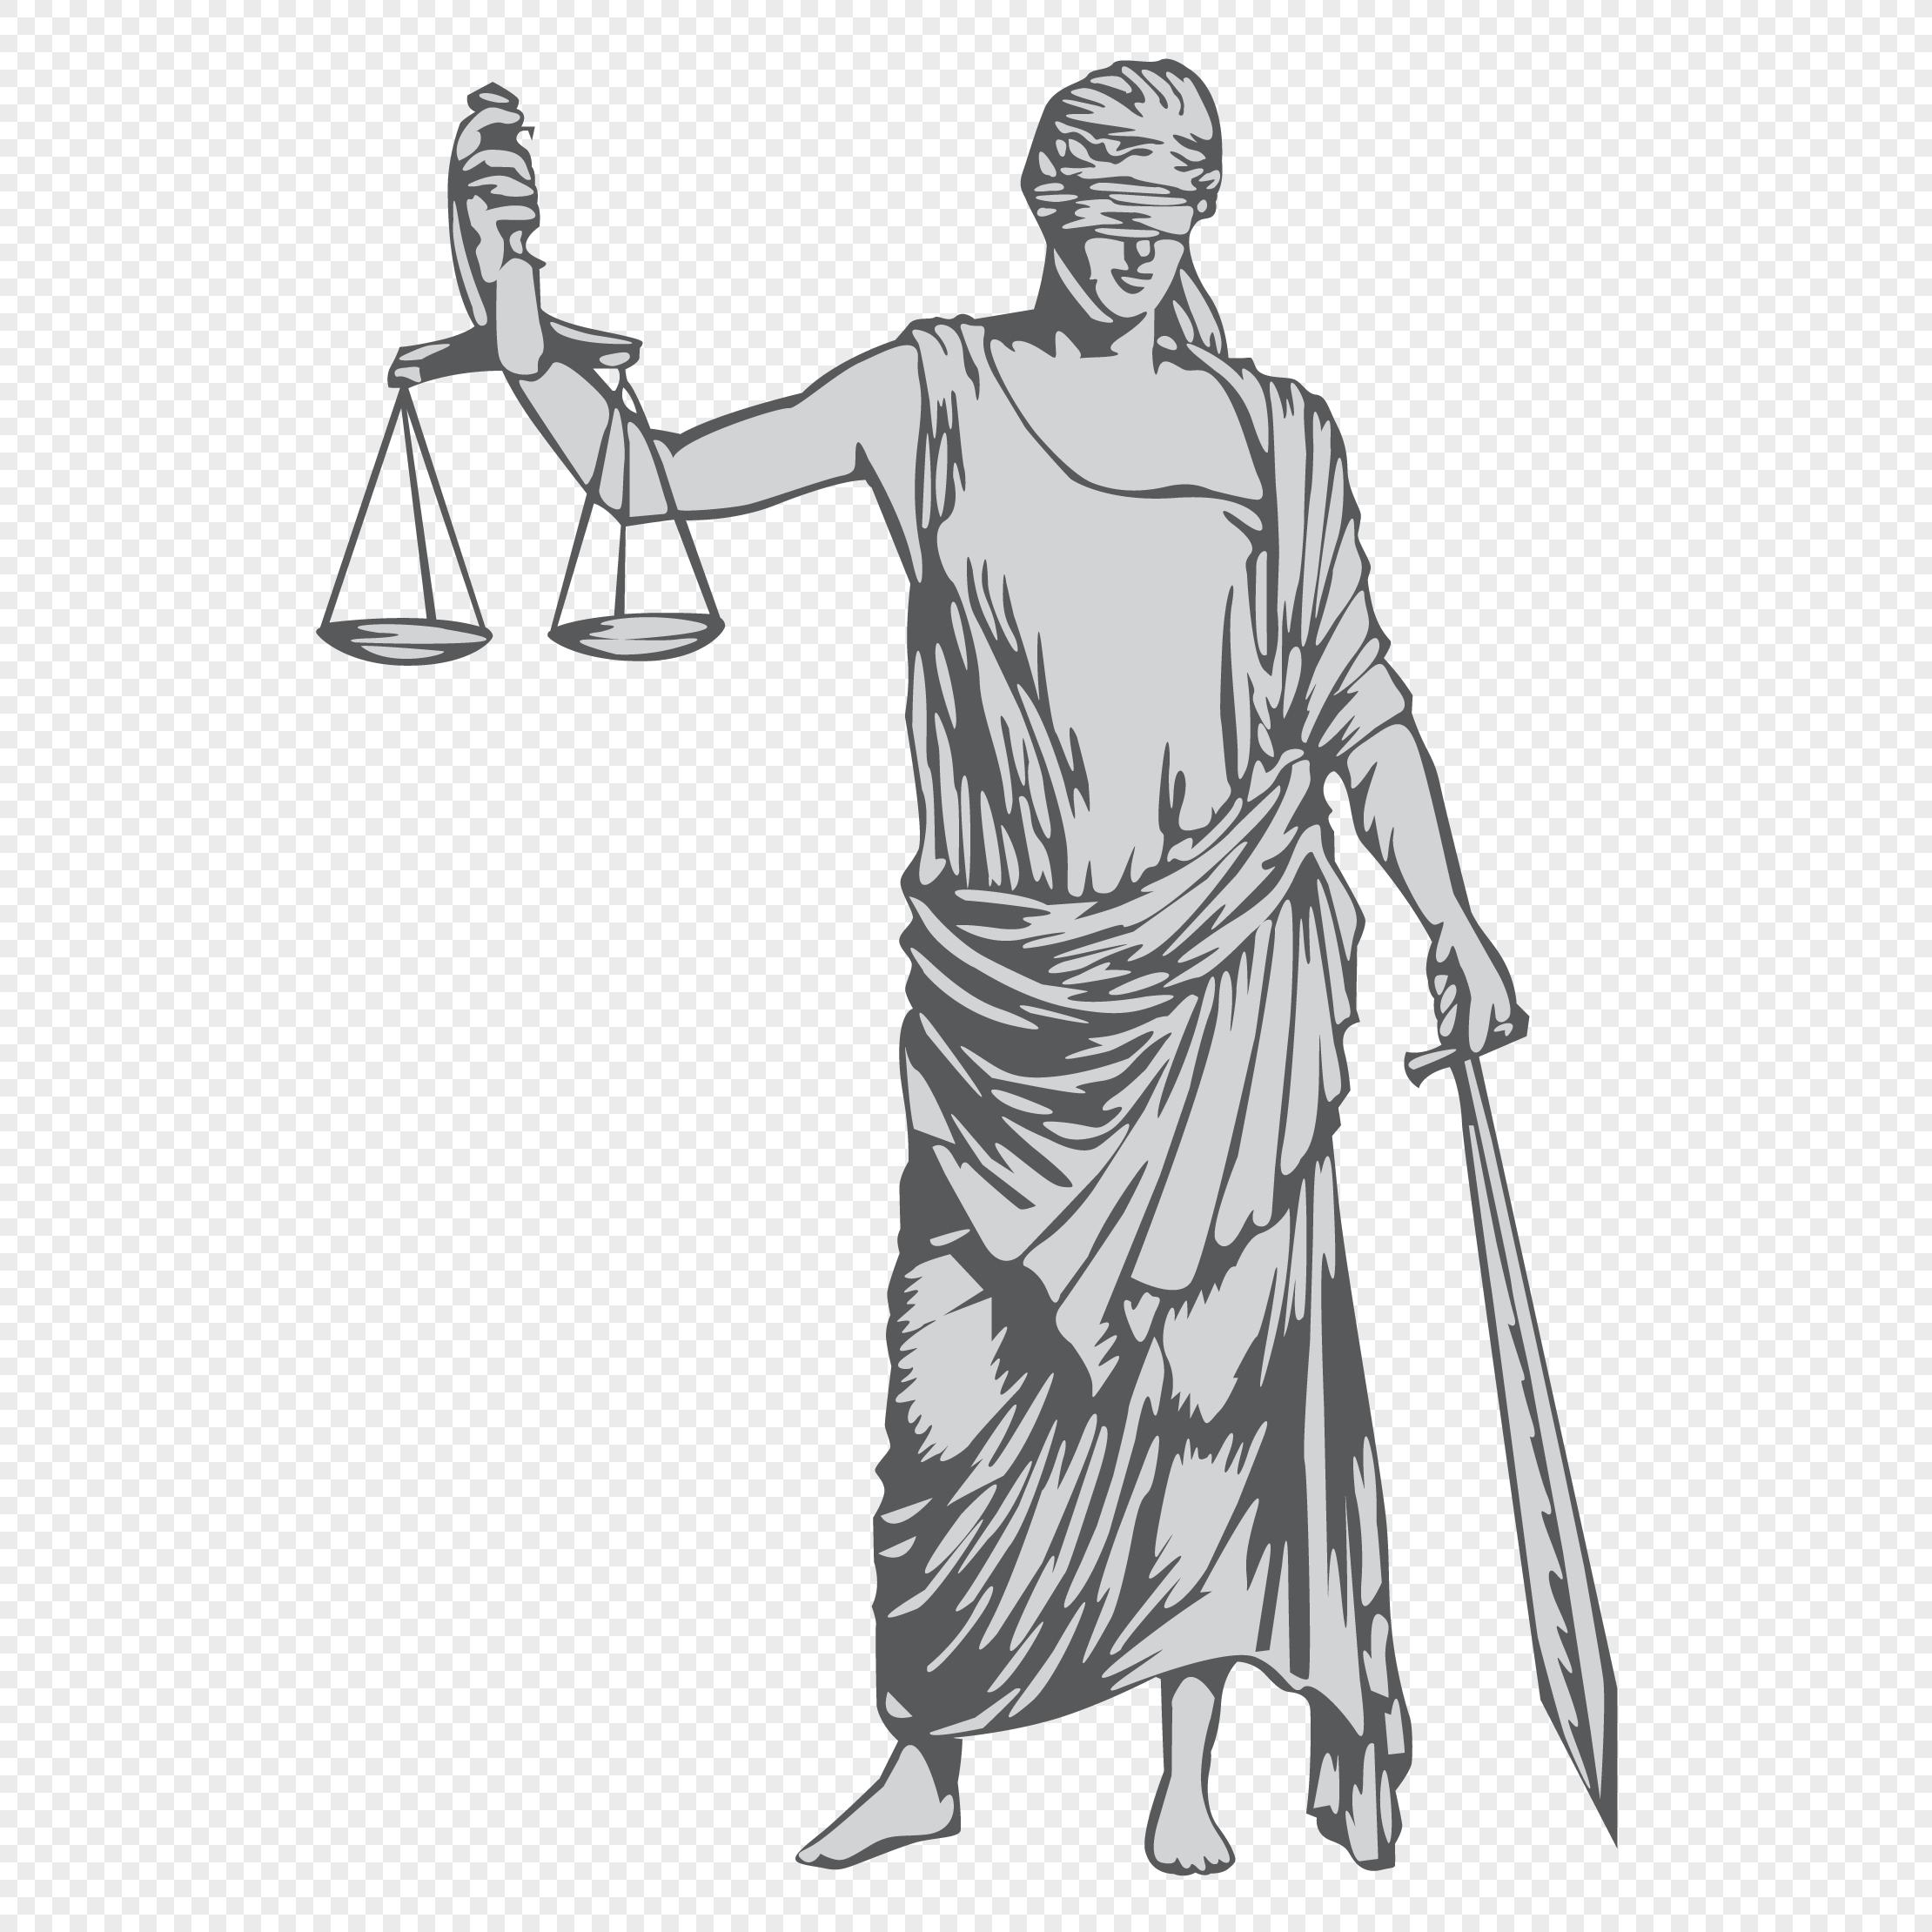 Thẩm Phán. Thẩm Phán Ảnh